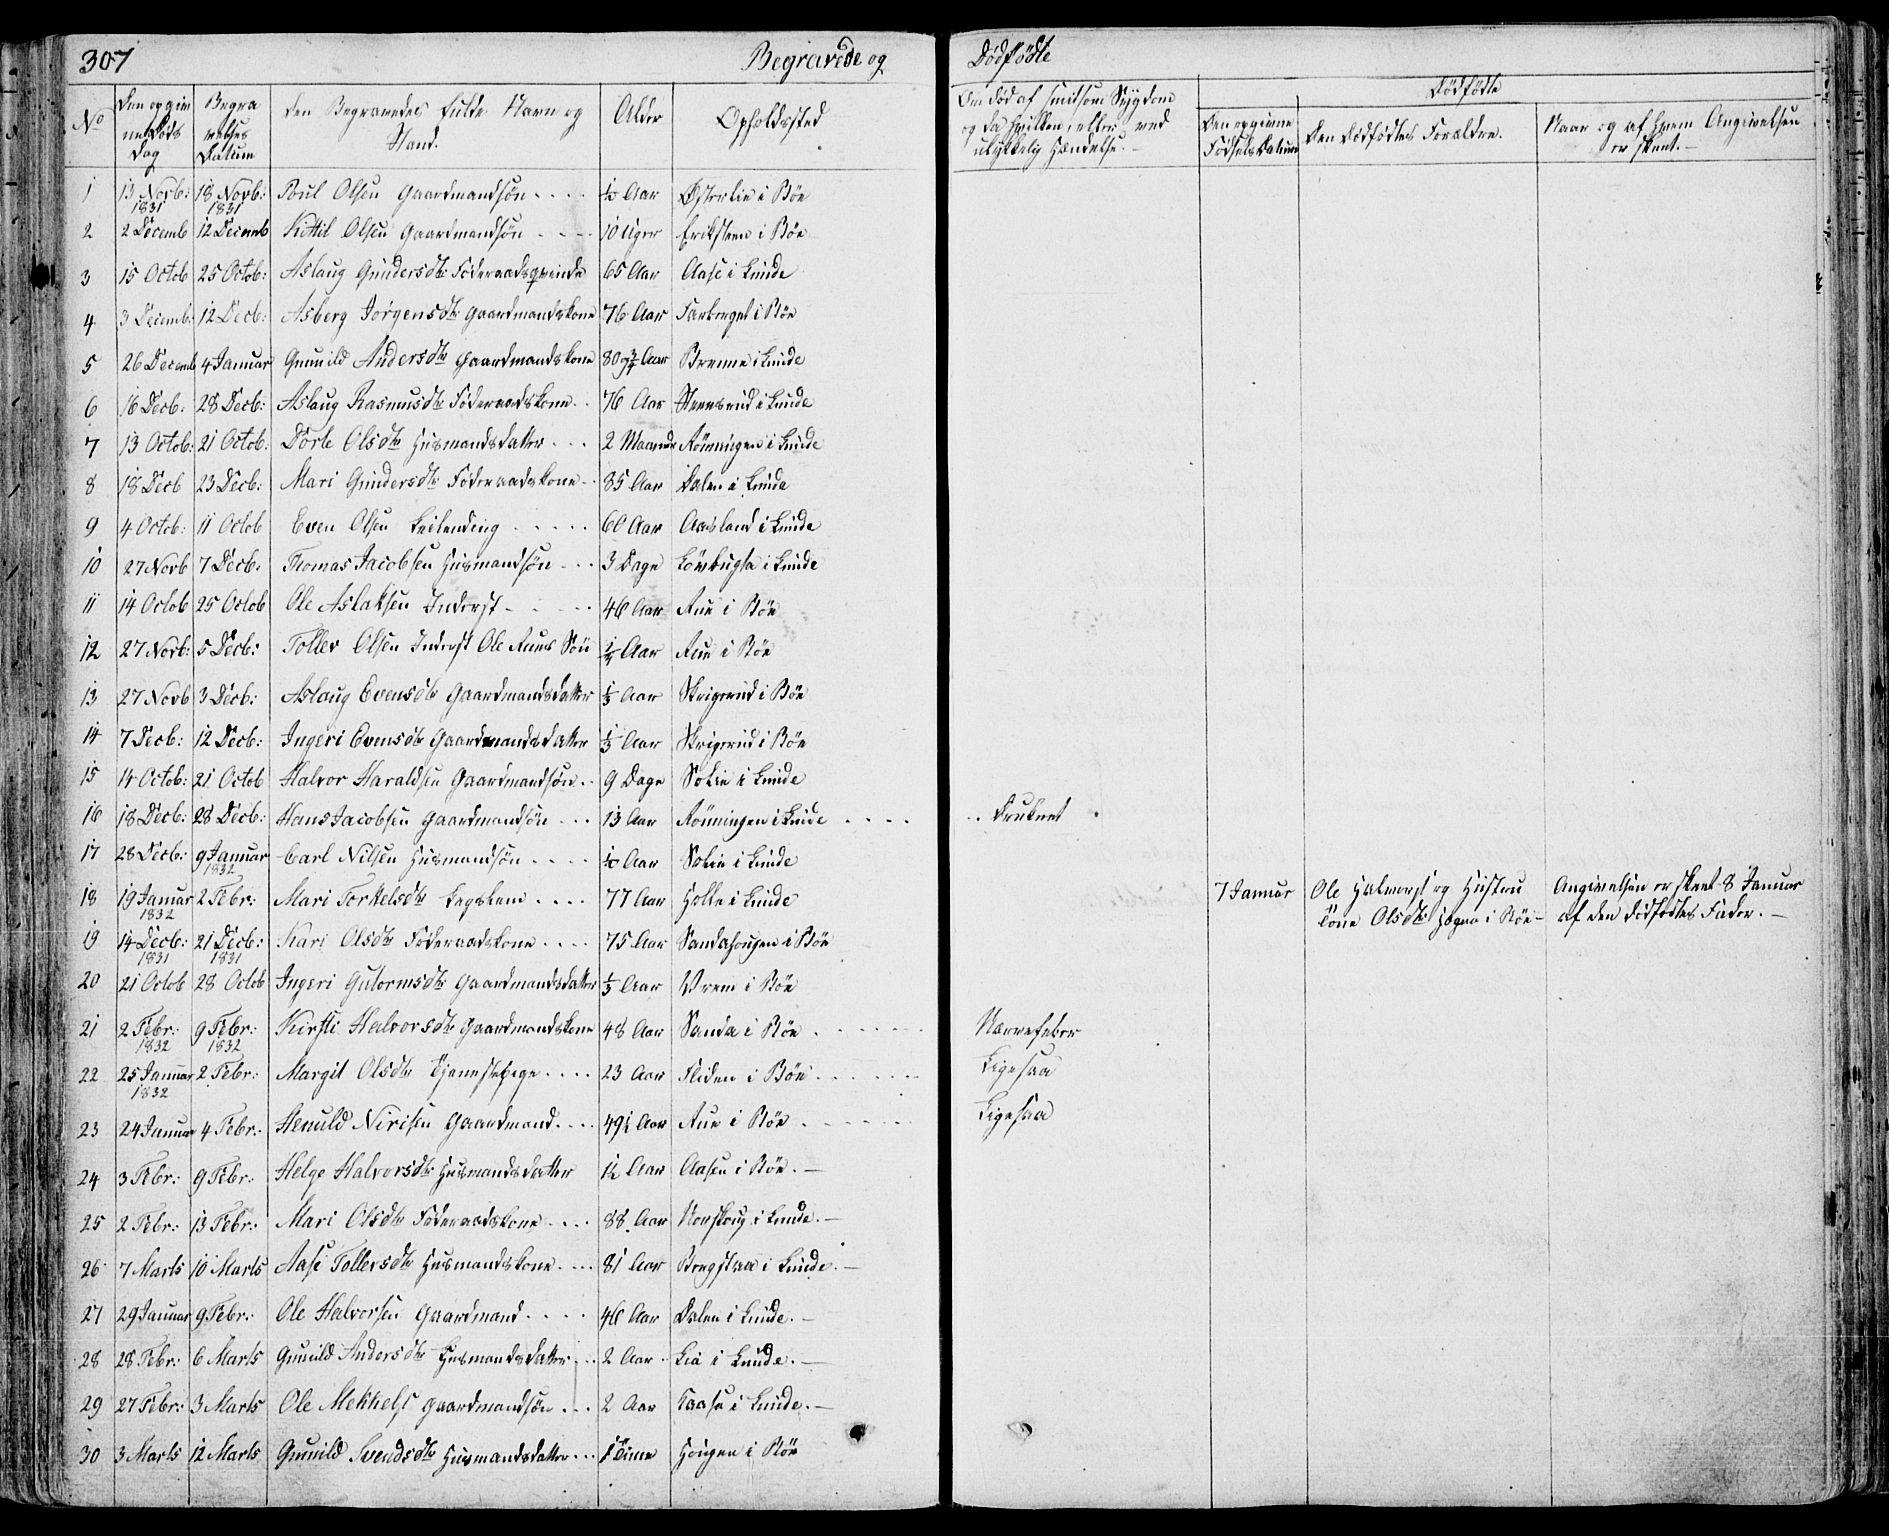 SAKO, Bø kirkebøker, F/Fa/L0007: Ministerialbok nr. 7, 1831-1848, s. 307